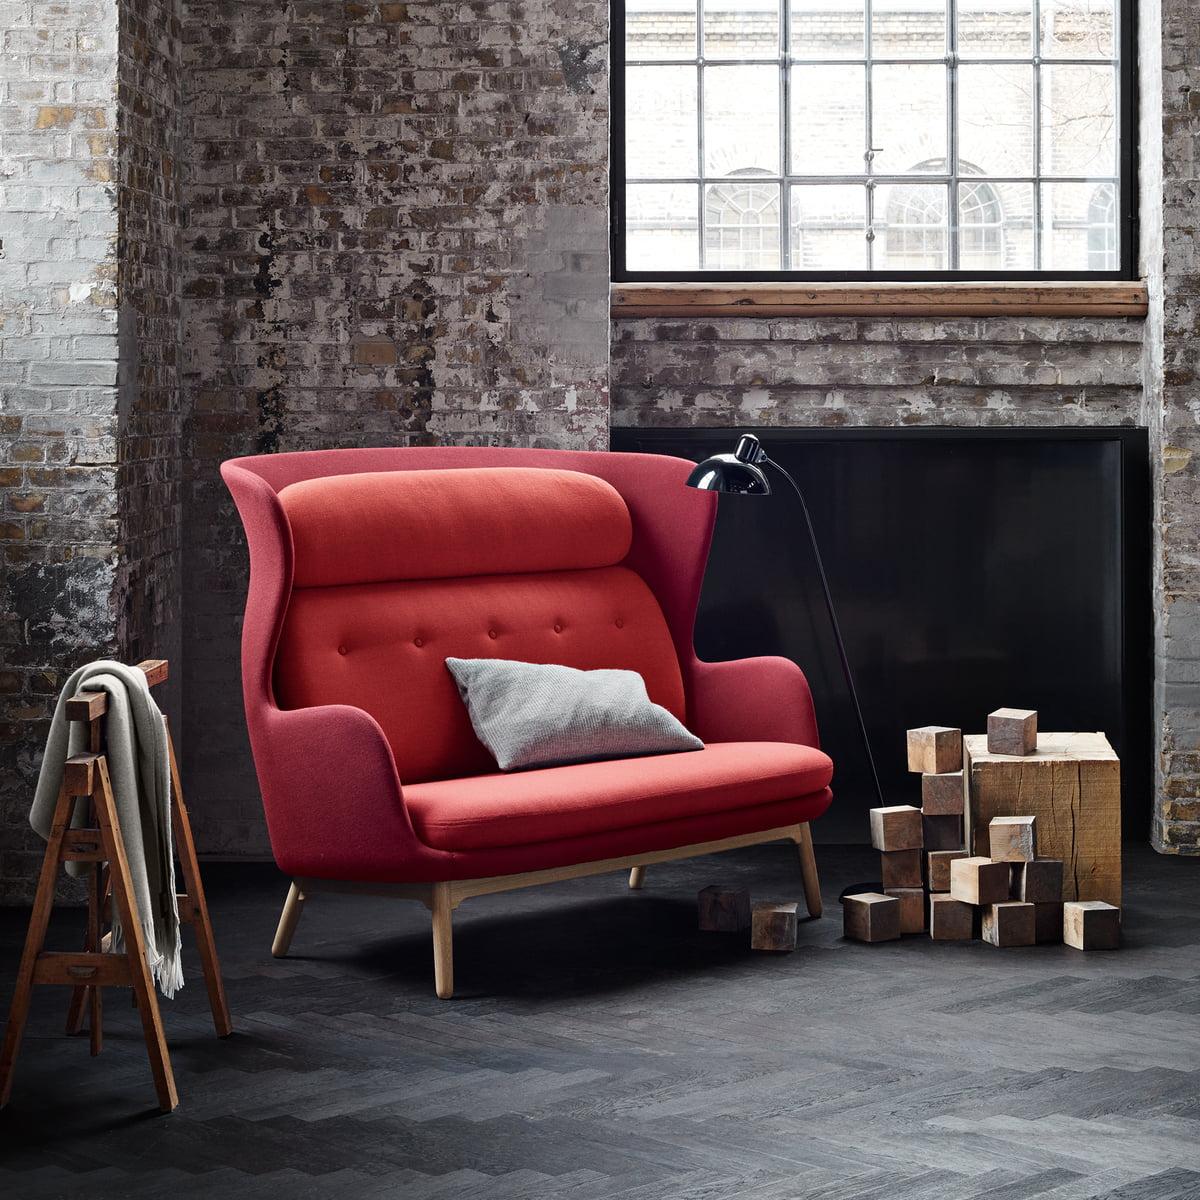 canap ro par fritz hansen boutique connox. Black Bedroom Furniture Sets. Home Design Ideas